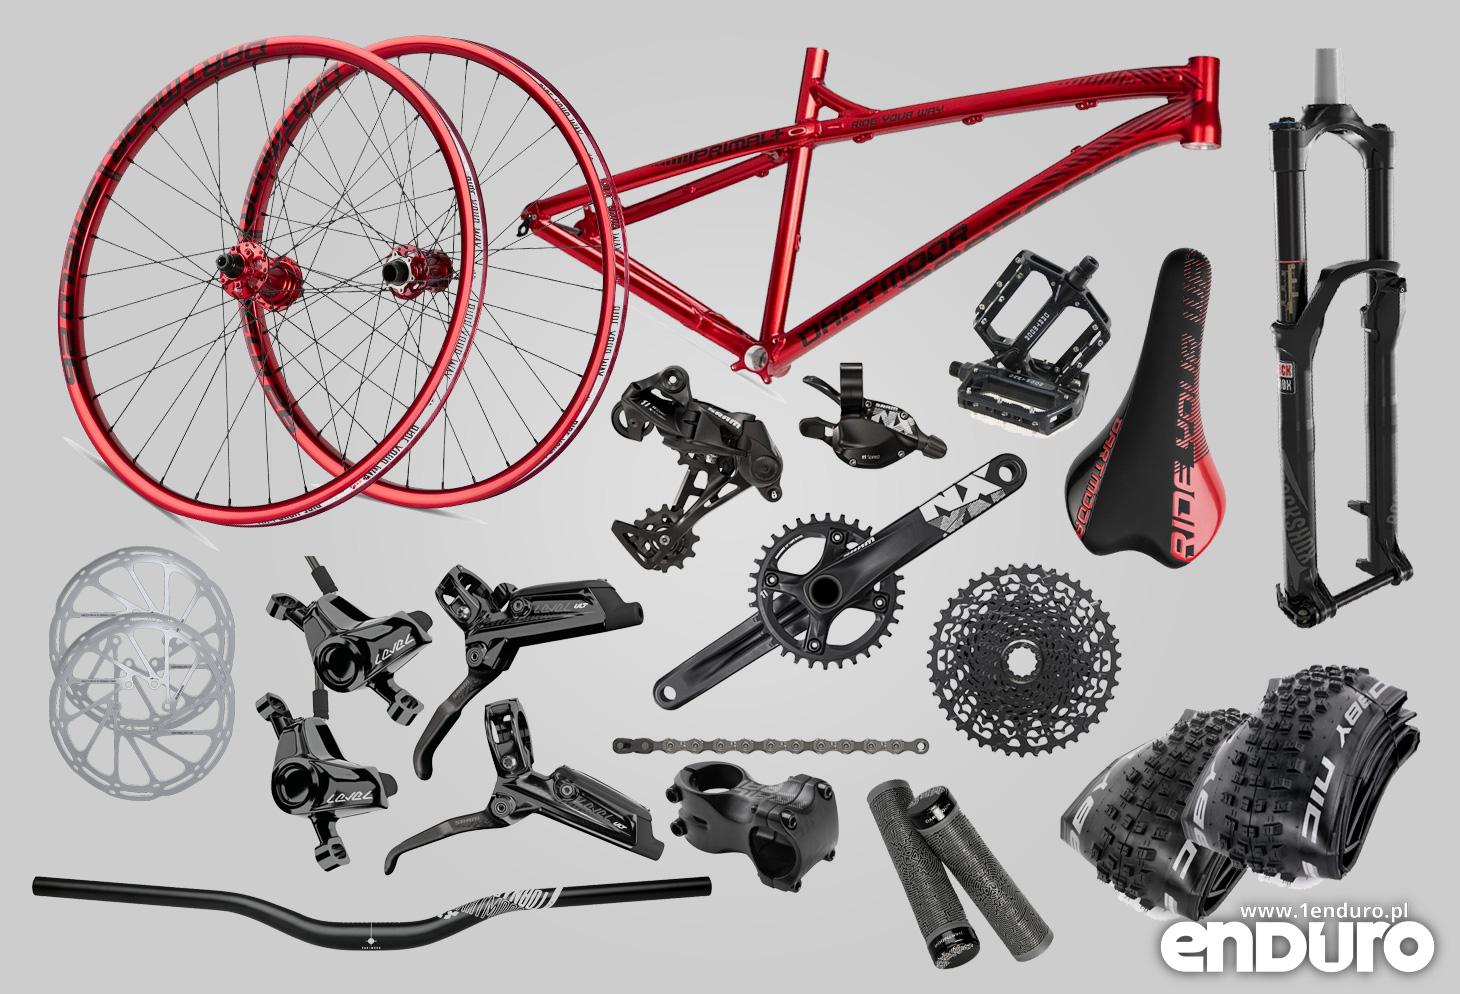 c217bd379c1630 Czy opłaca się składać rower? : 1Enduro